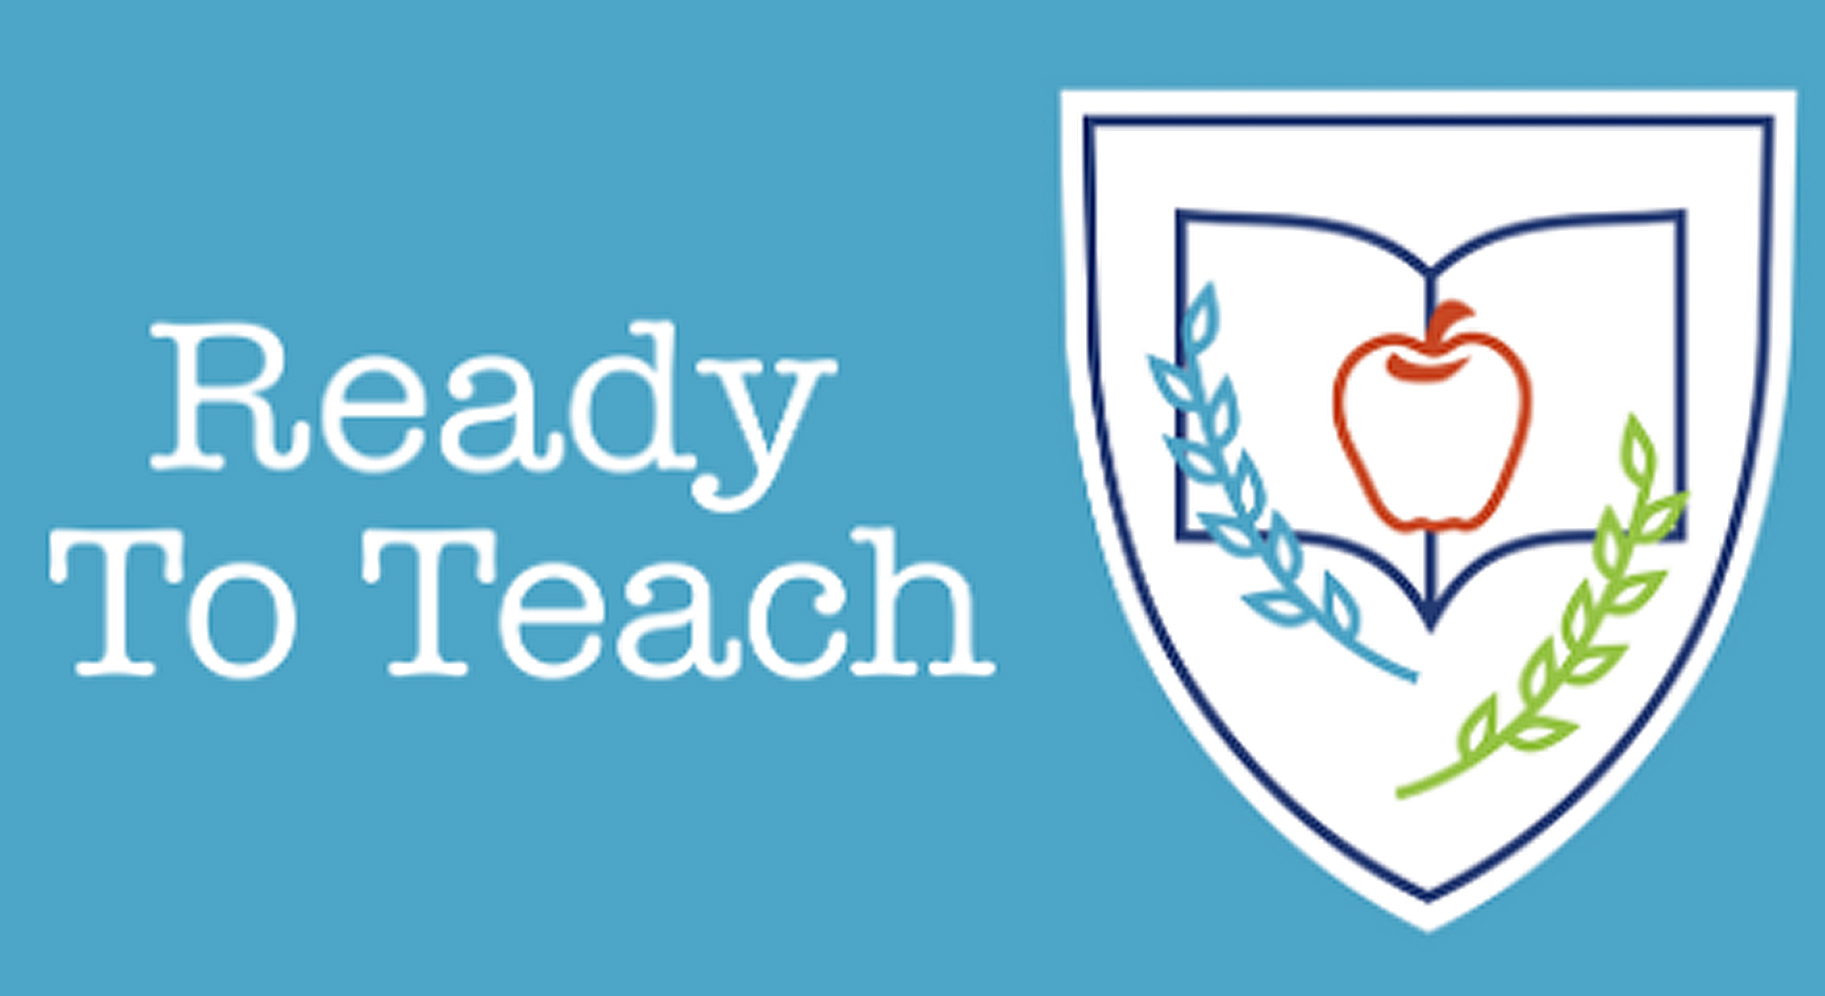 Ready to Teach